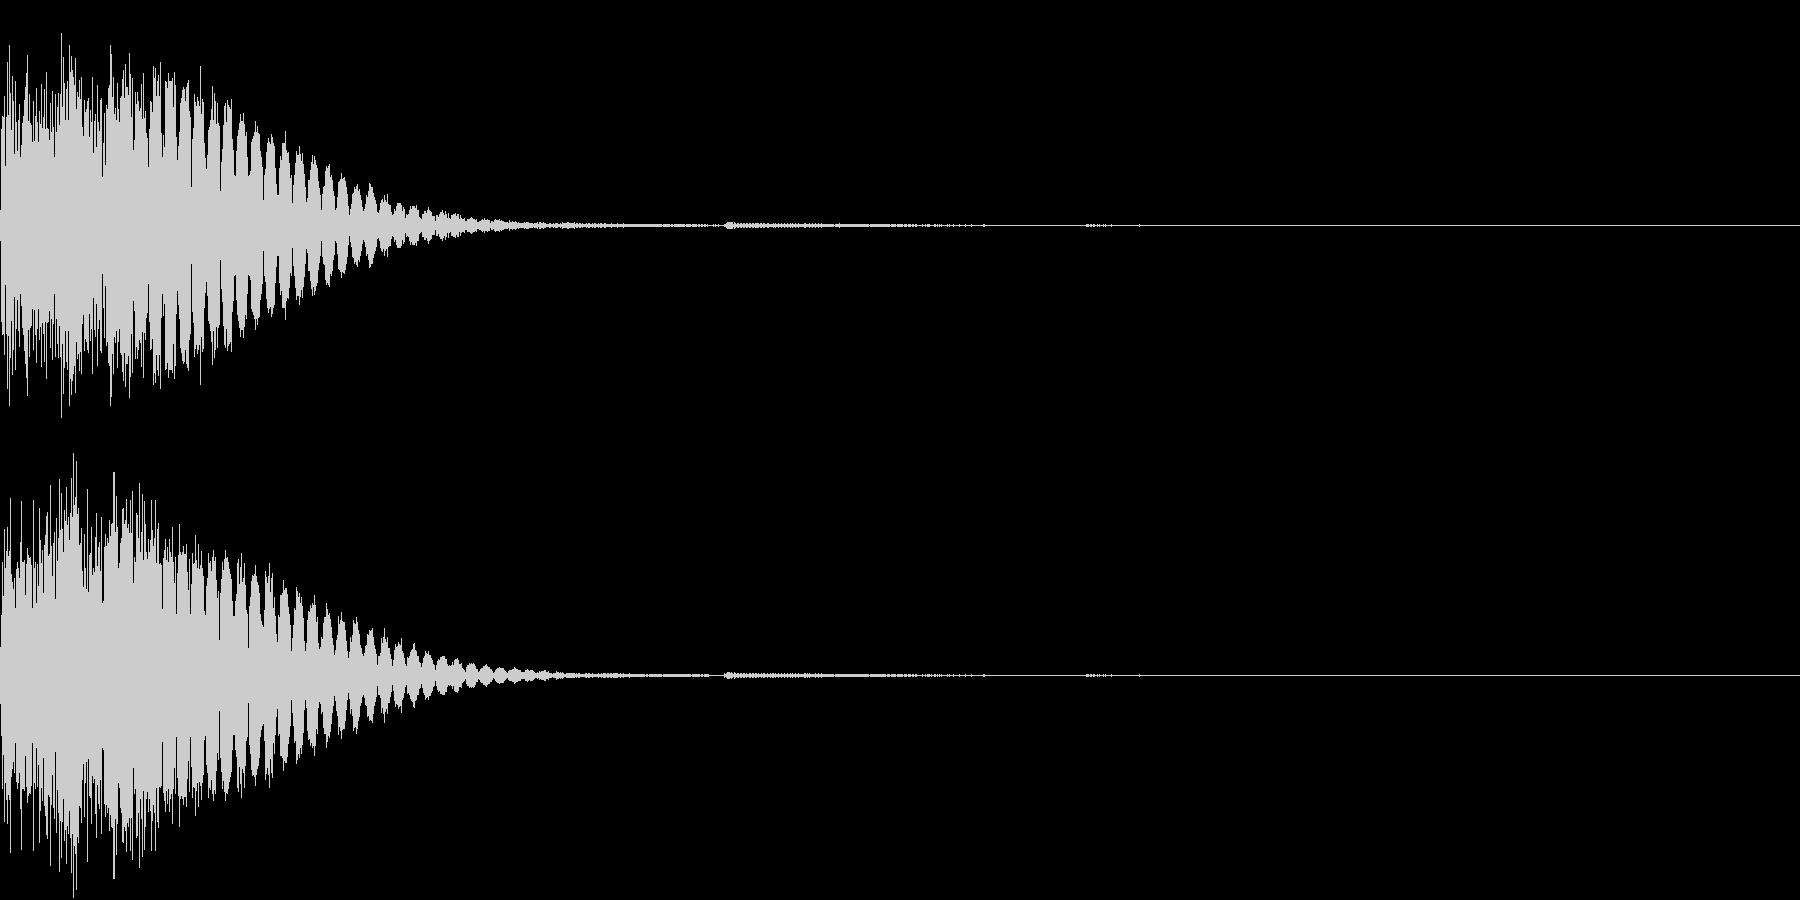 クリック音、キラン、キュイン、ピコン02の未再生の波形